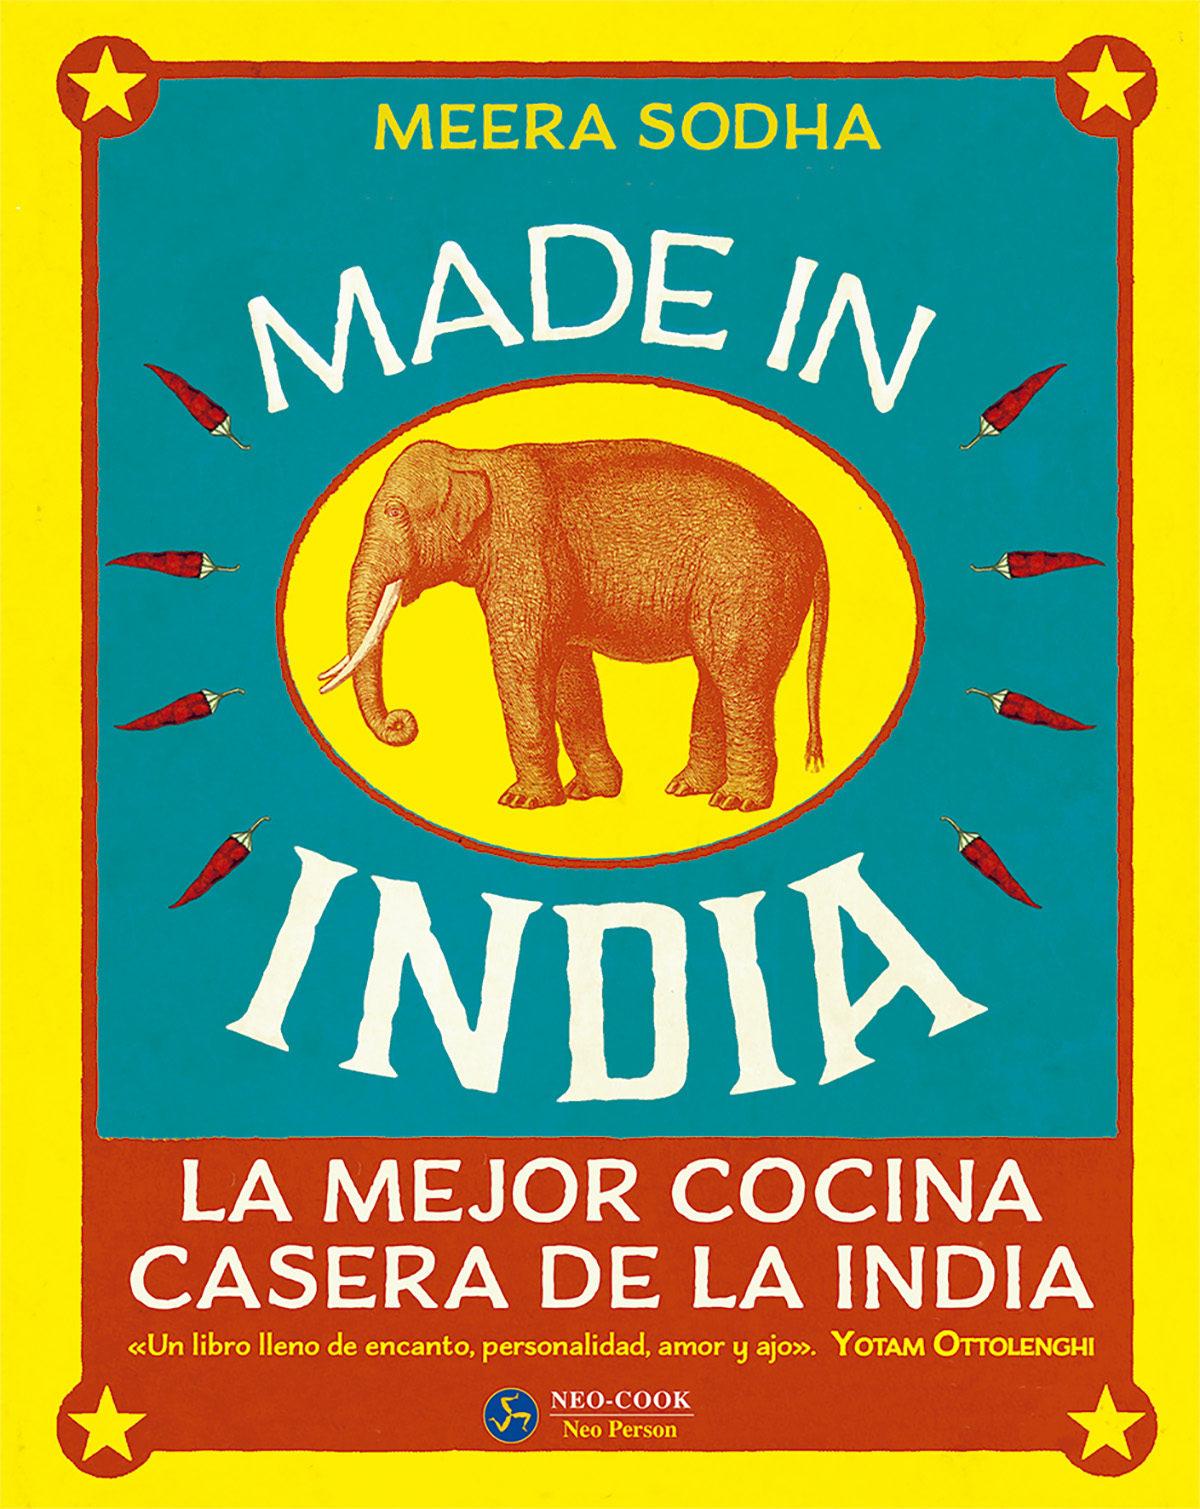 Made In India: La Mejor Cocina Casera De La India por Meera Sodha